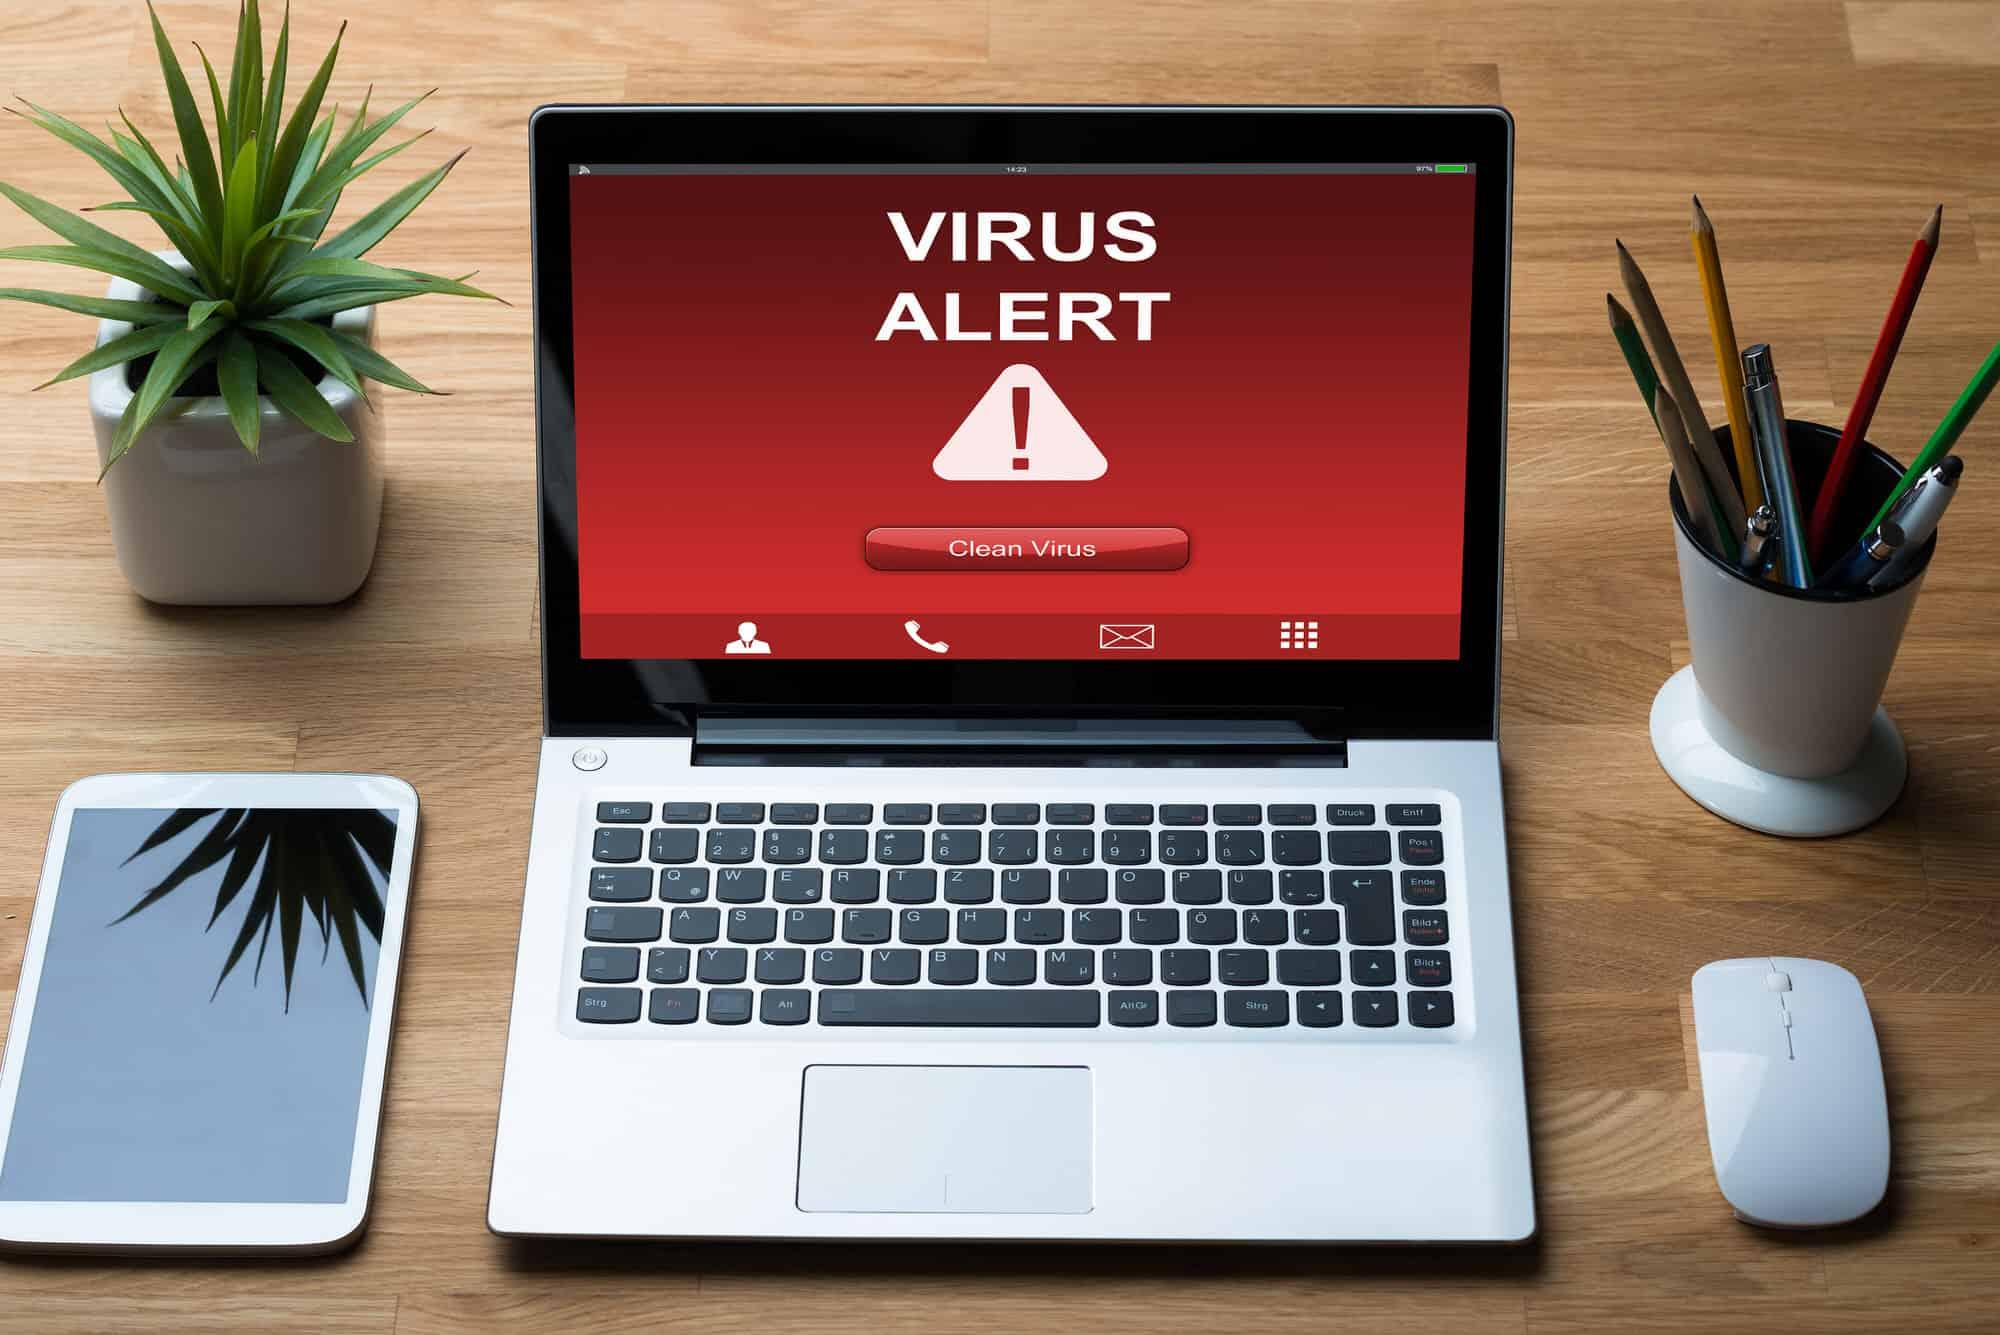 Kommerziell oder Freeware: Welche Antiviren-Software schützt Windows 10 Systeme am besten vor Viren, Trojanern und Malware?